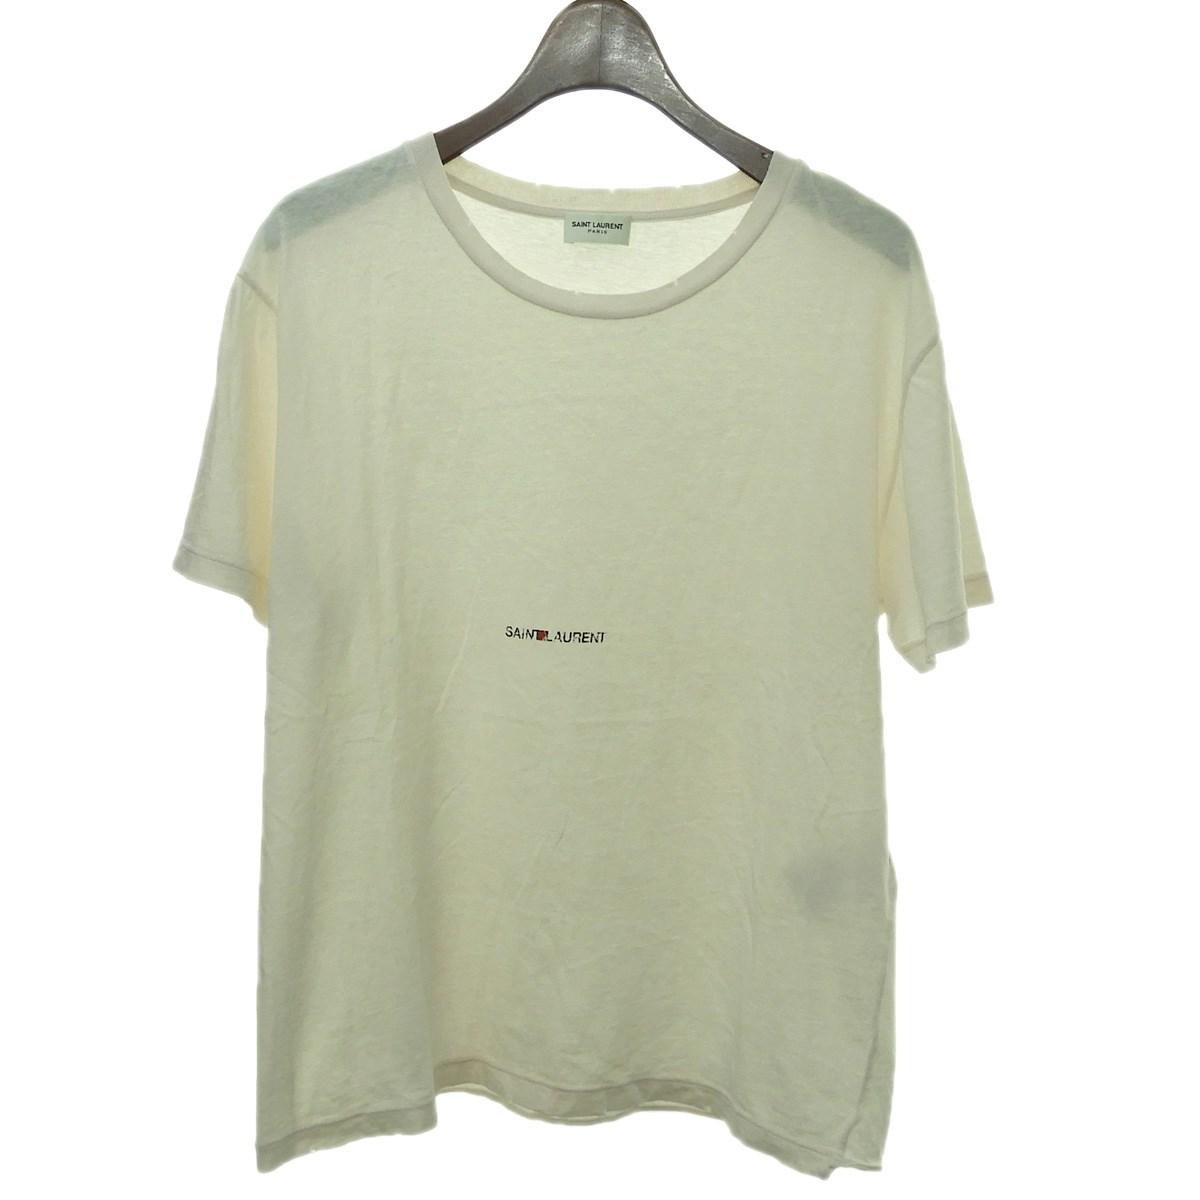 【中古】SAINT LAURENT PARIS クラシックロゴプリントTシャツ ライトピンク サイズ:S 【180320】(サンローランパリ)